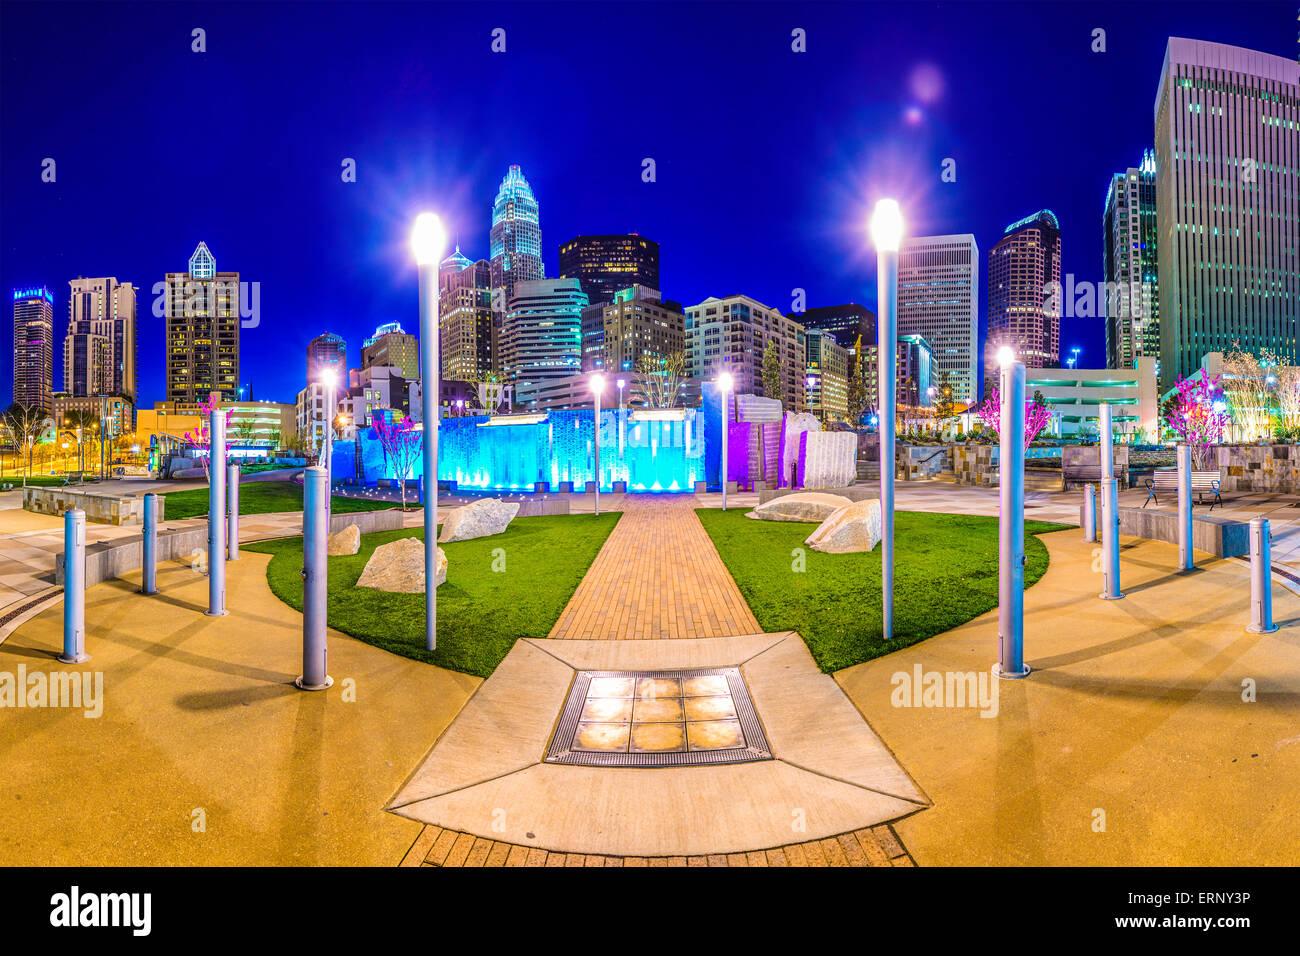 Charlotte, Carolina del Norte, EE.UU uptown skyline y el parque. Imagen De Stock